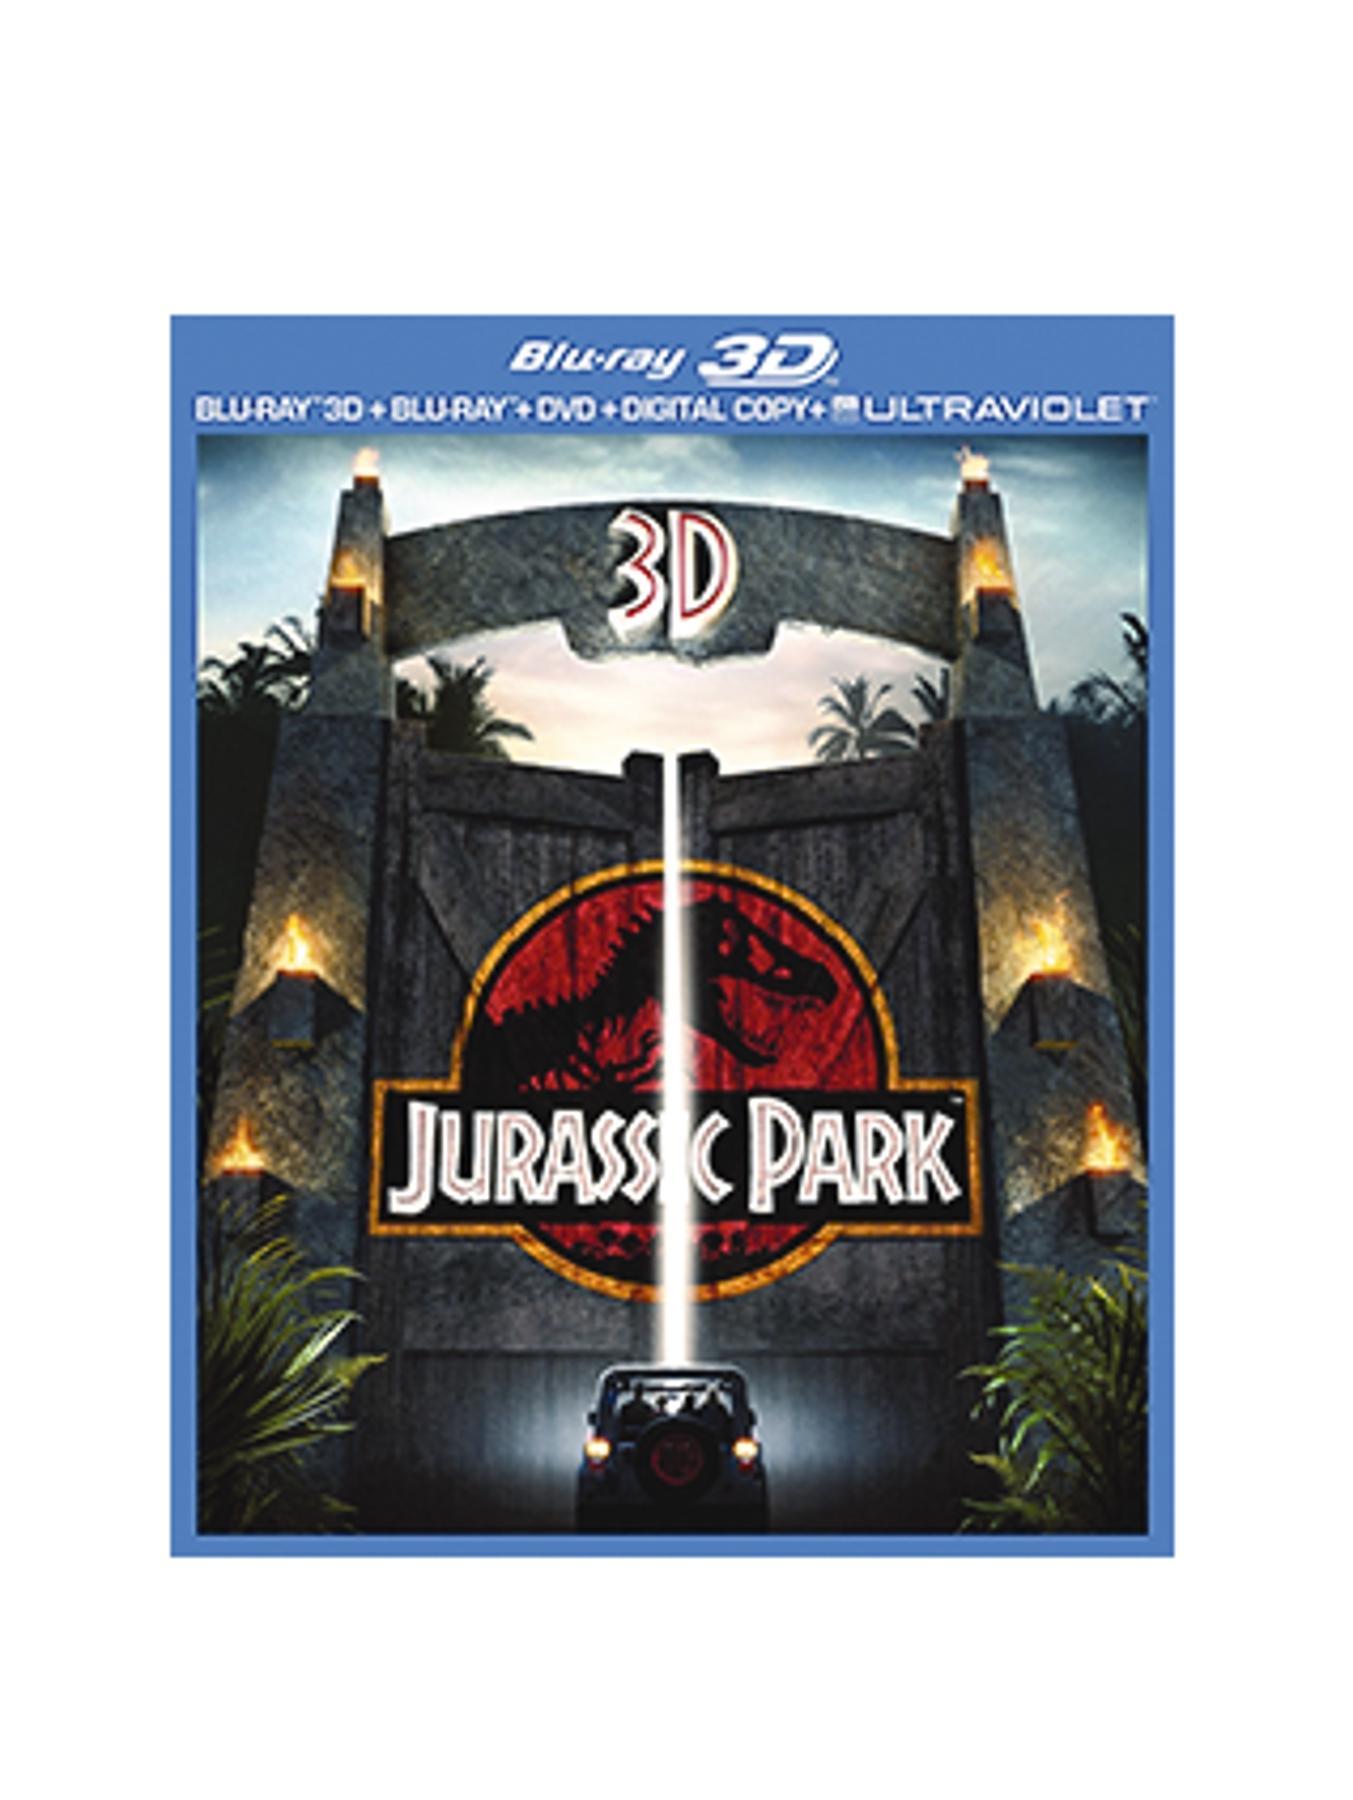 Jurassic Park (2013) 3D Blu-ray